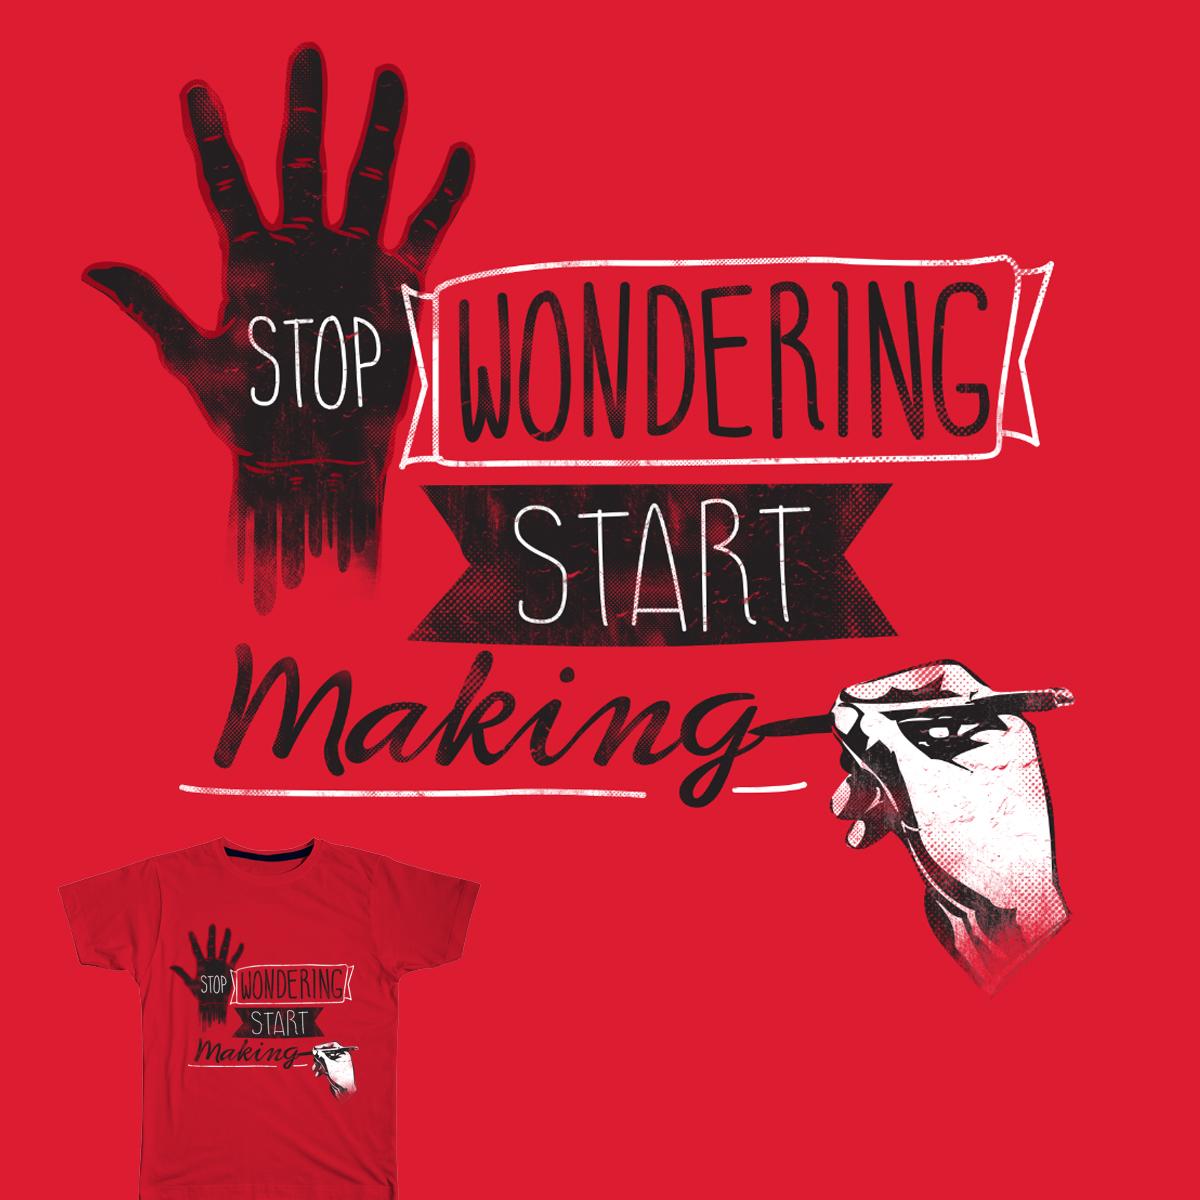 STOP WONDERING START MAKING by dandingeroz on Threadless